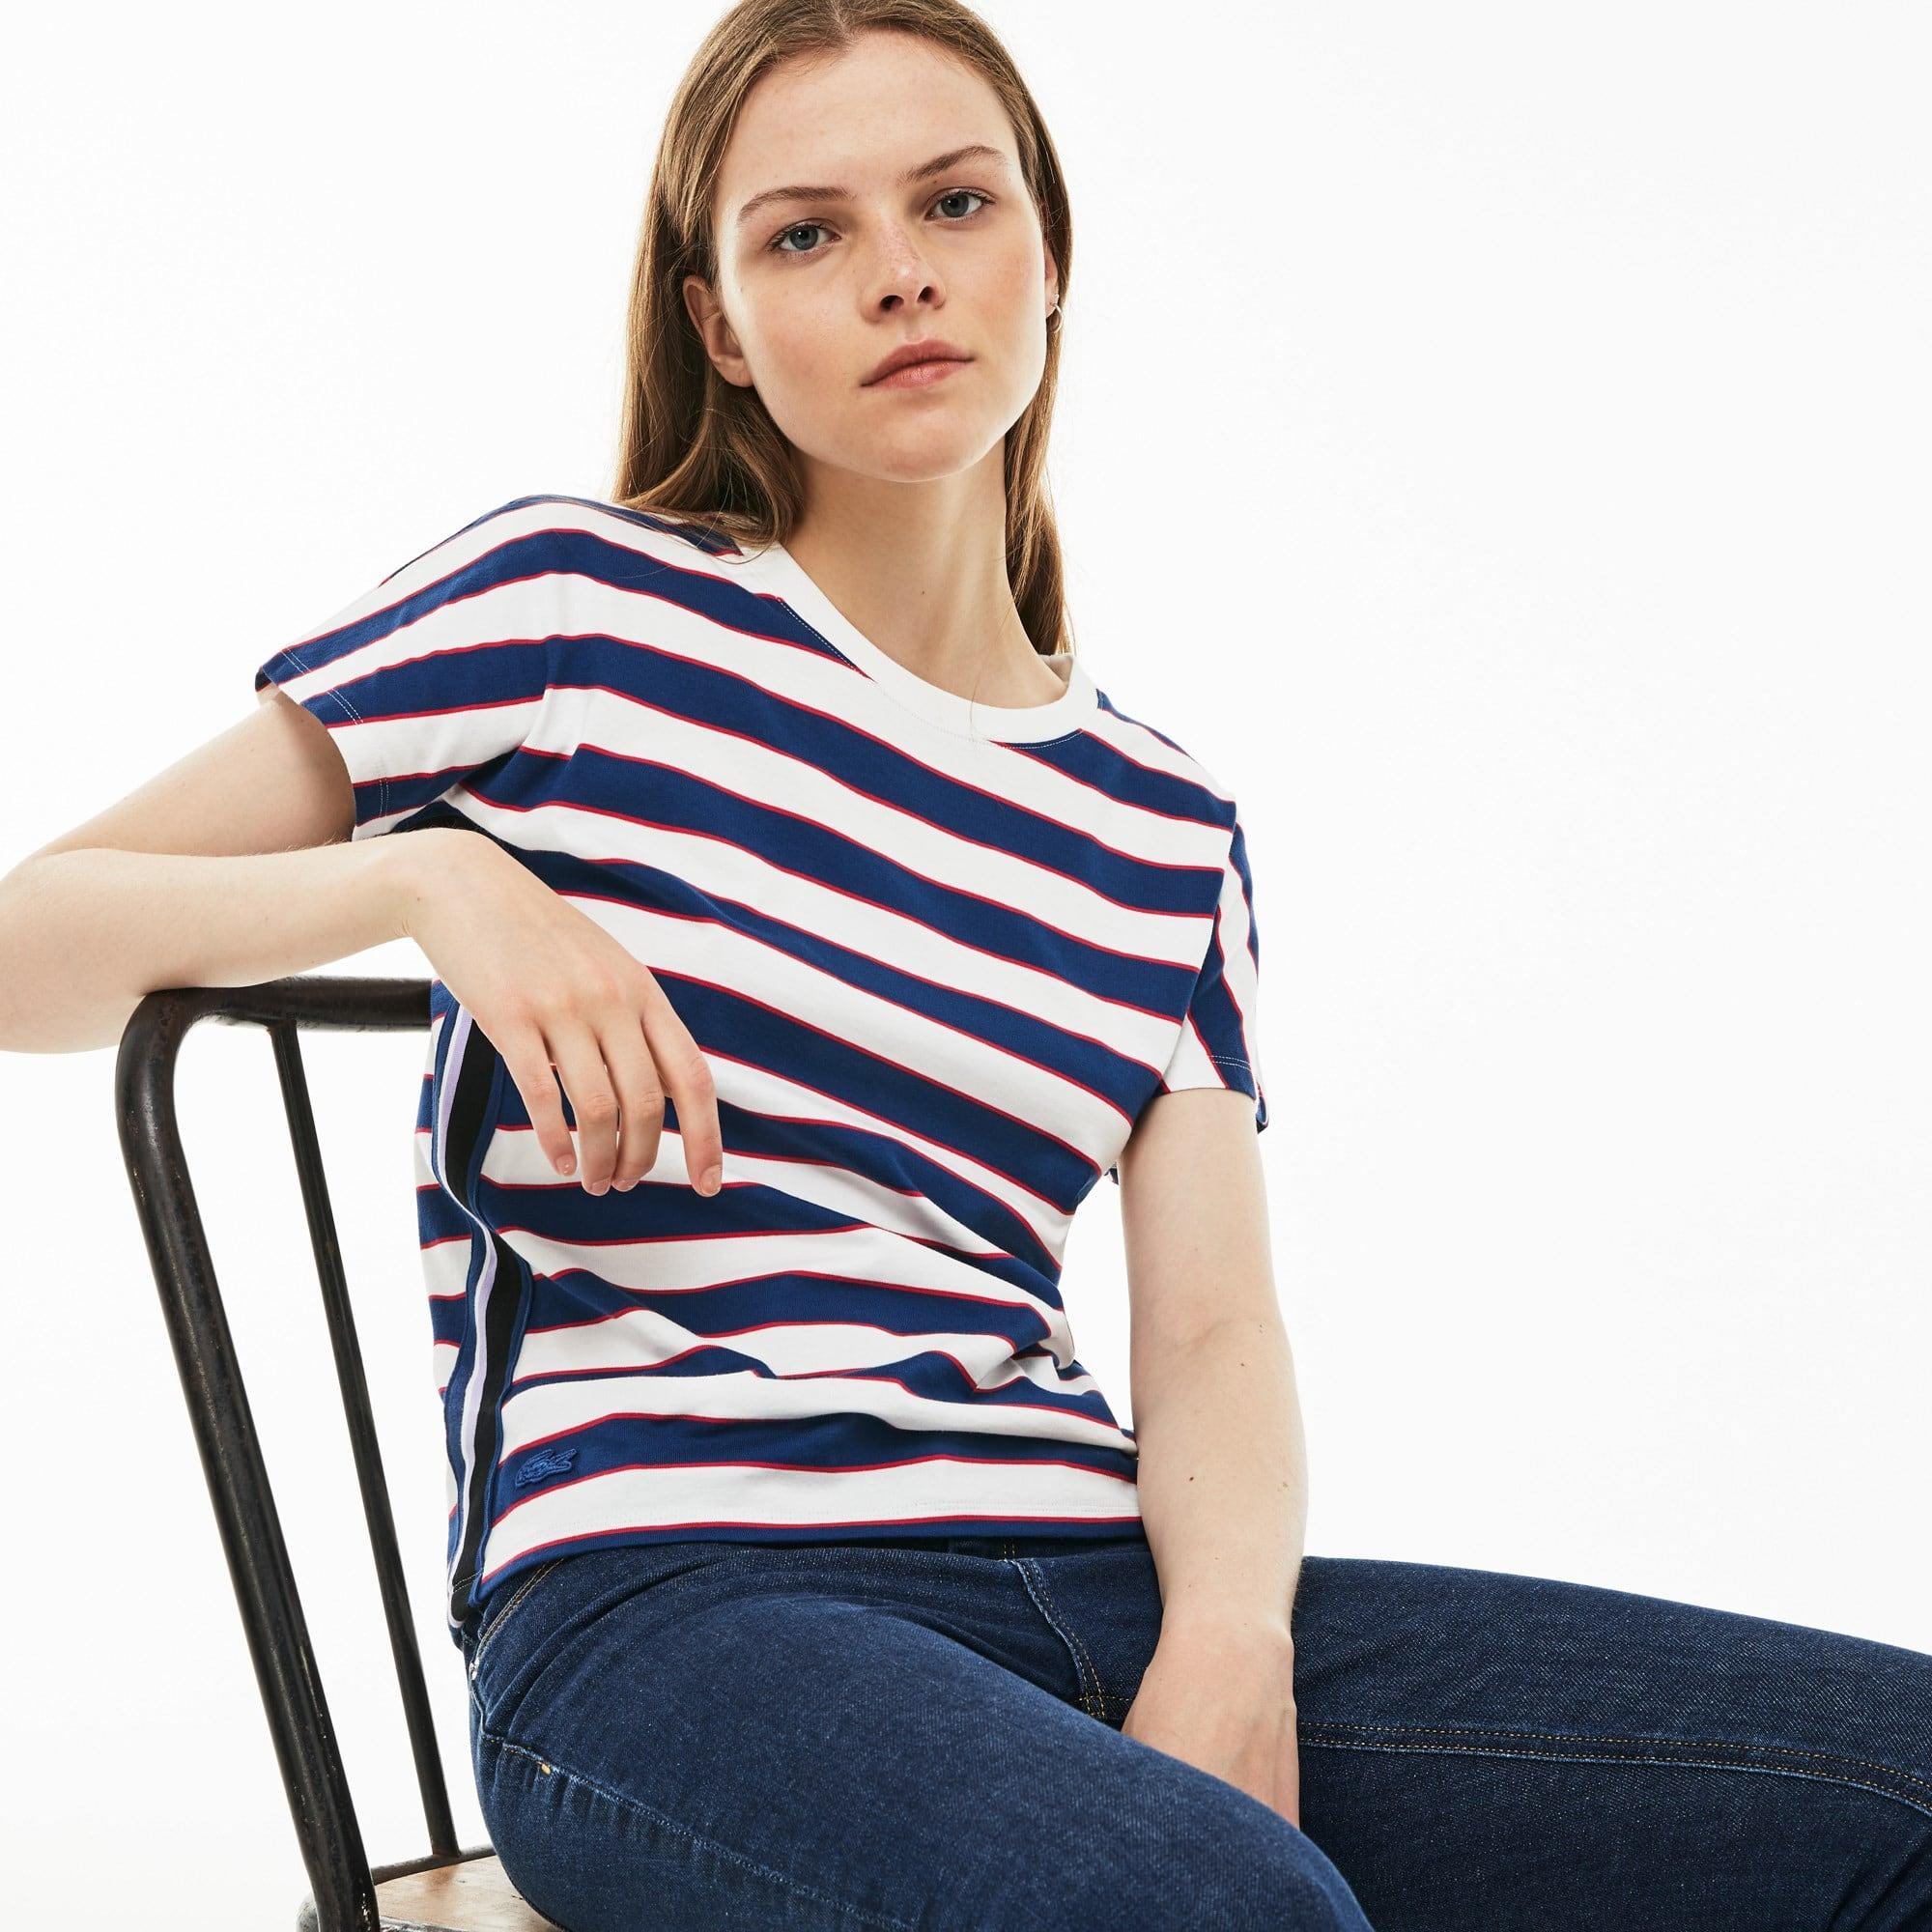 CamisetasModa Lacoste CamisetasModa Mujer Lacoste Mujer Para CamisetasModa Para 7IYbfgv6y